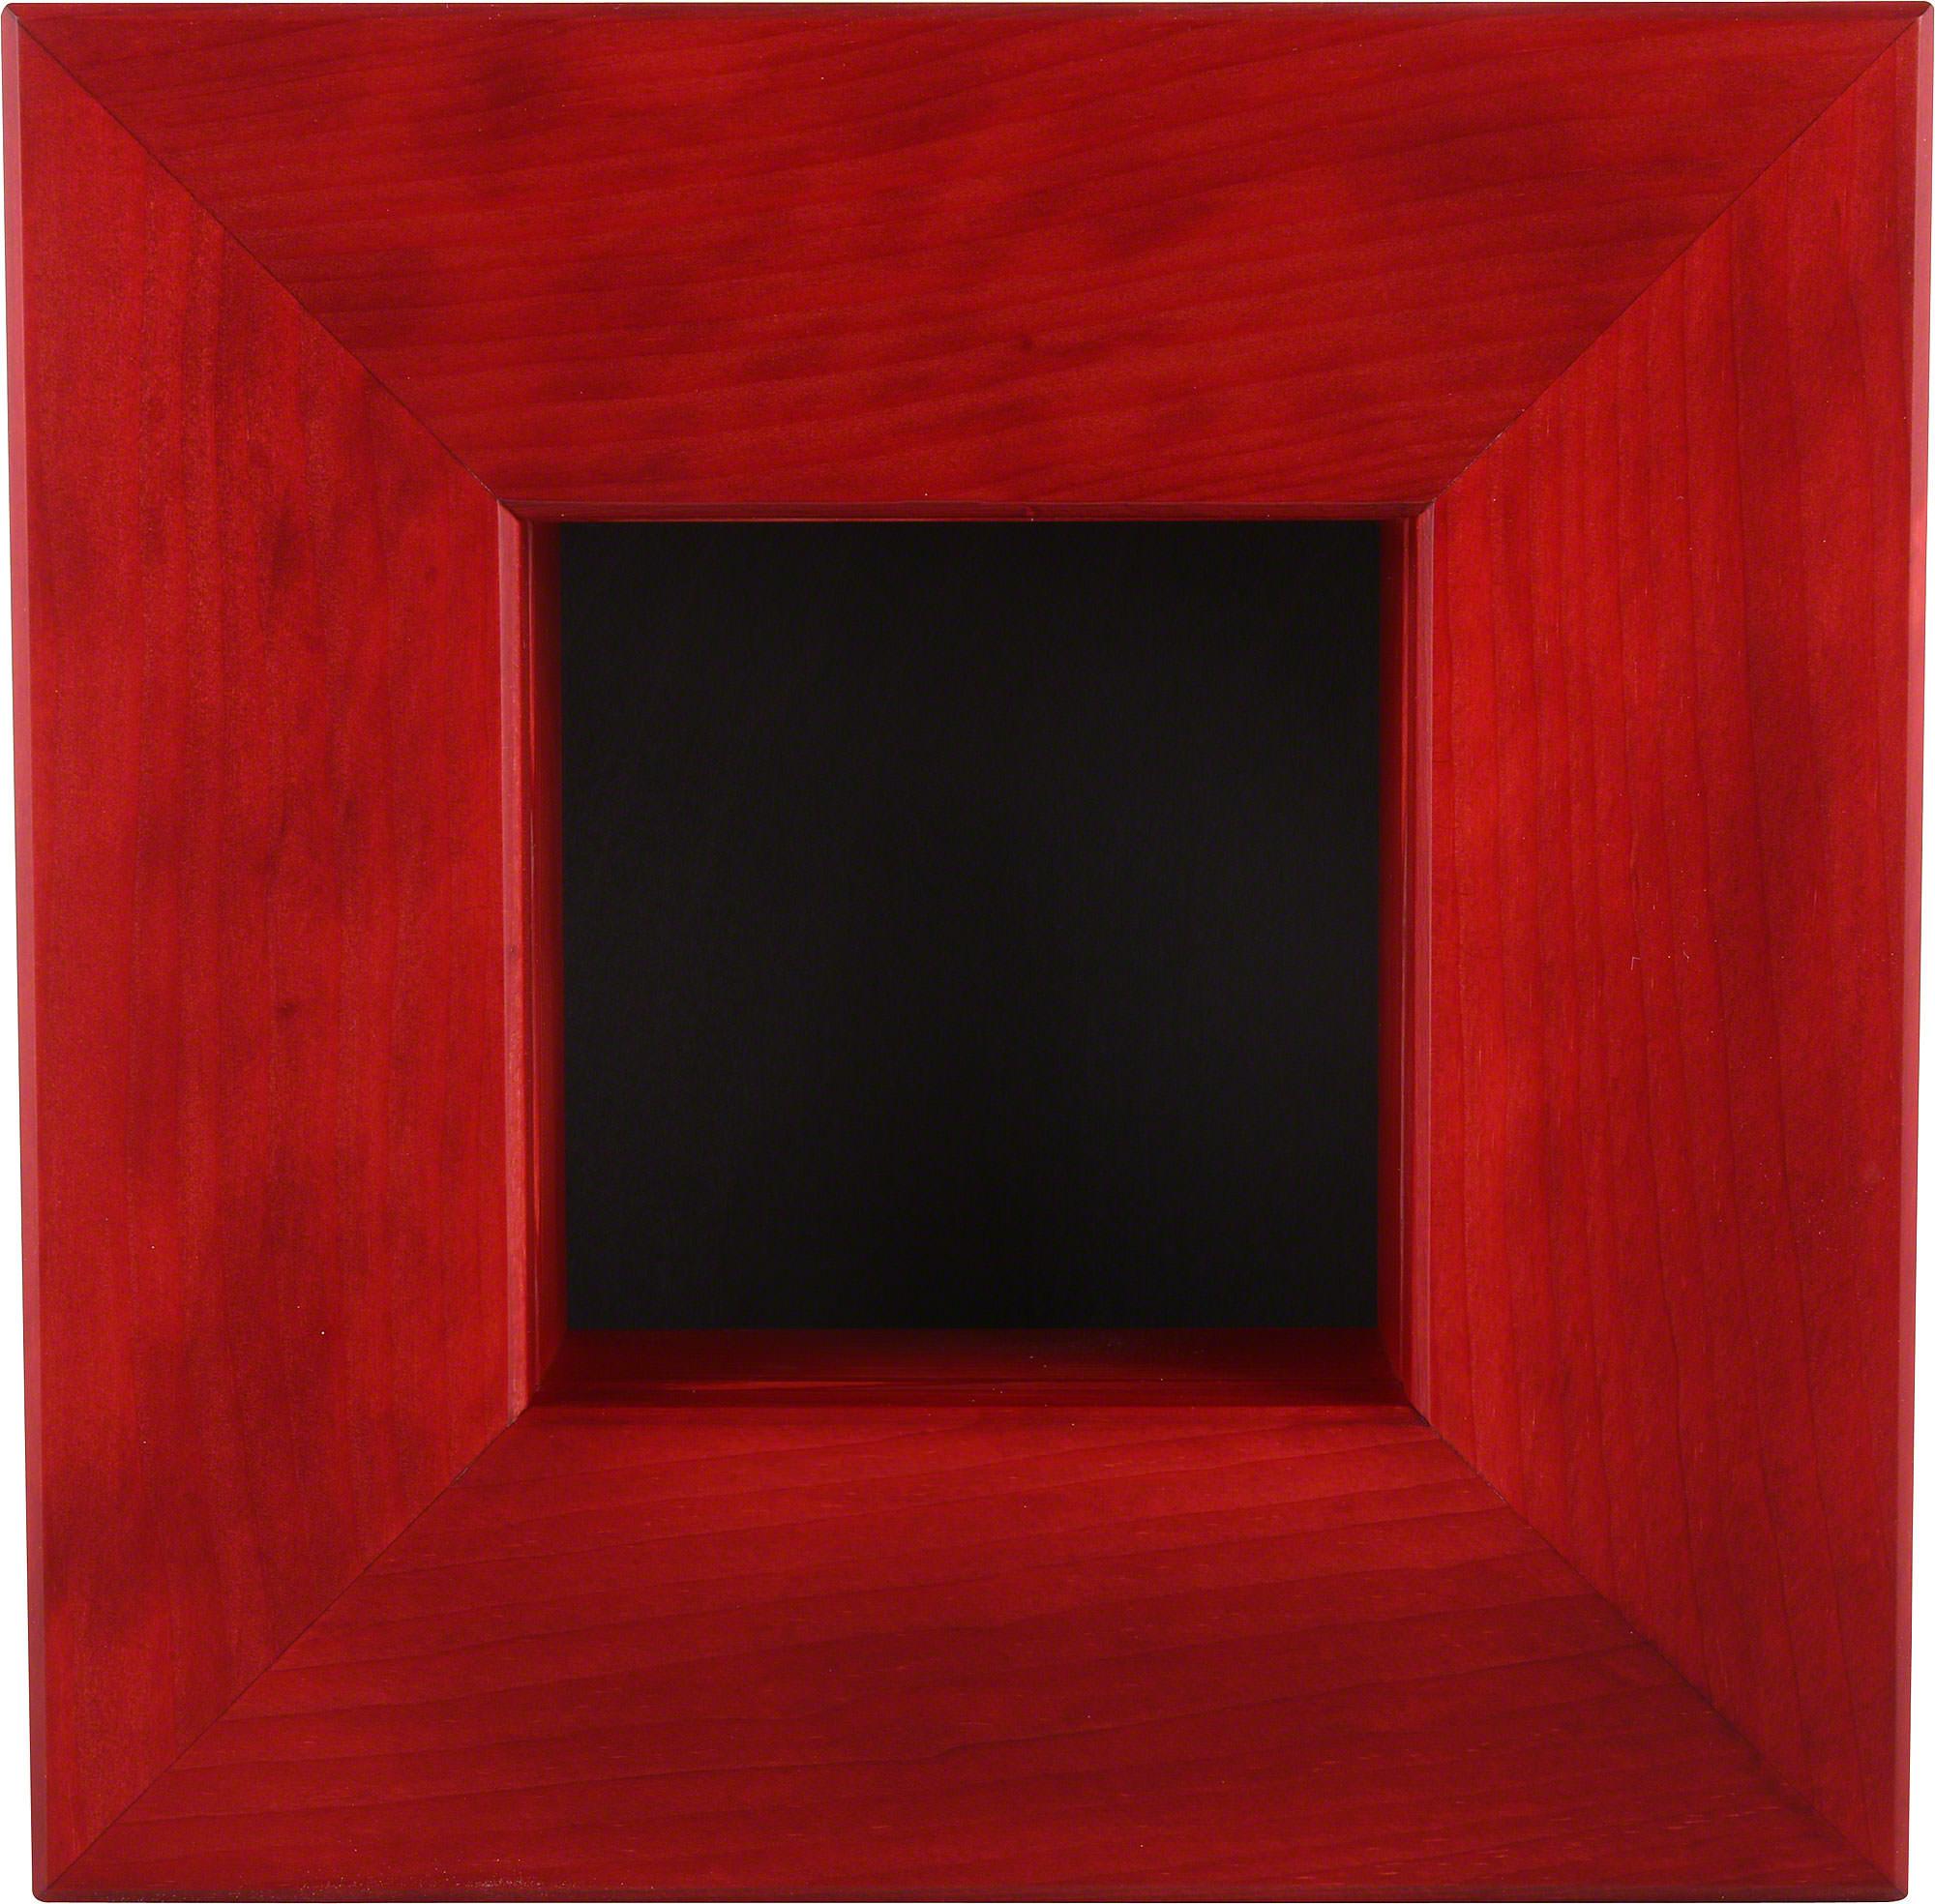 Wandrahmen rot (23×23×8 cm) von Björn Köhler Kunsthandwerk